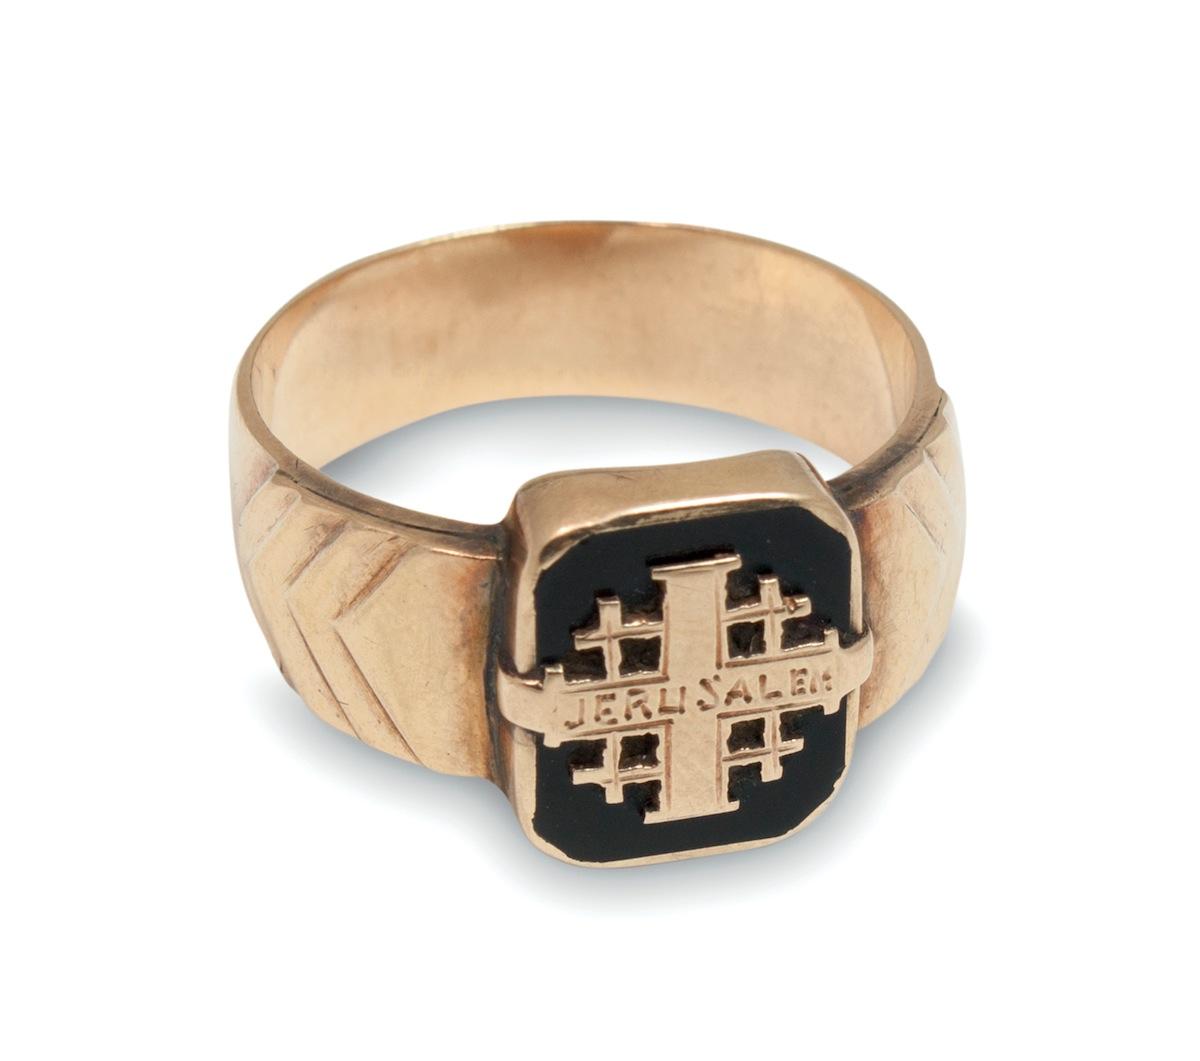 Sygnet z krzyżem jerozolimskim